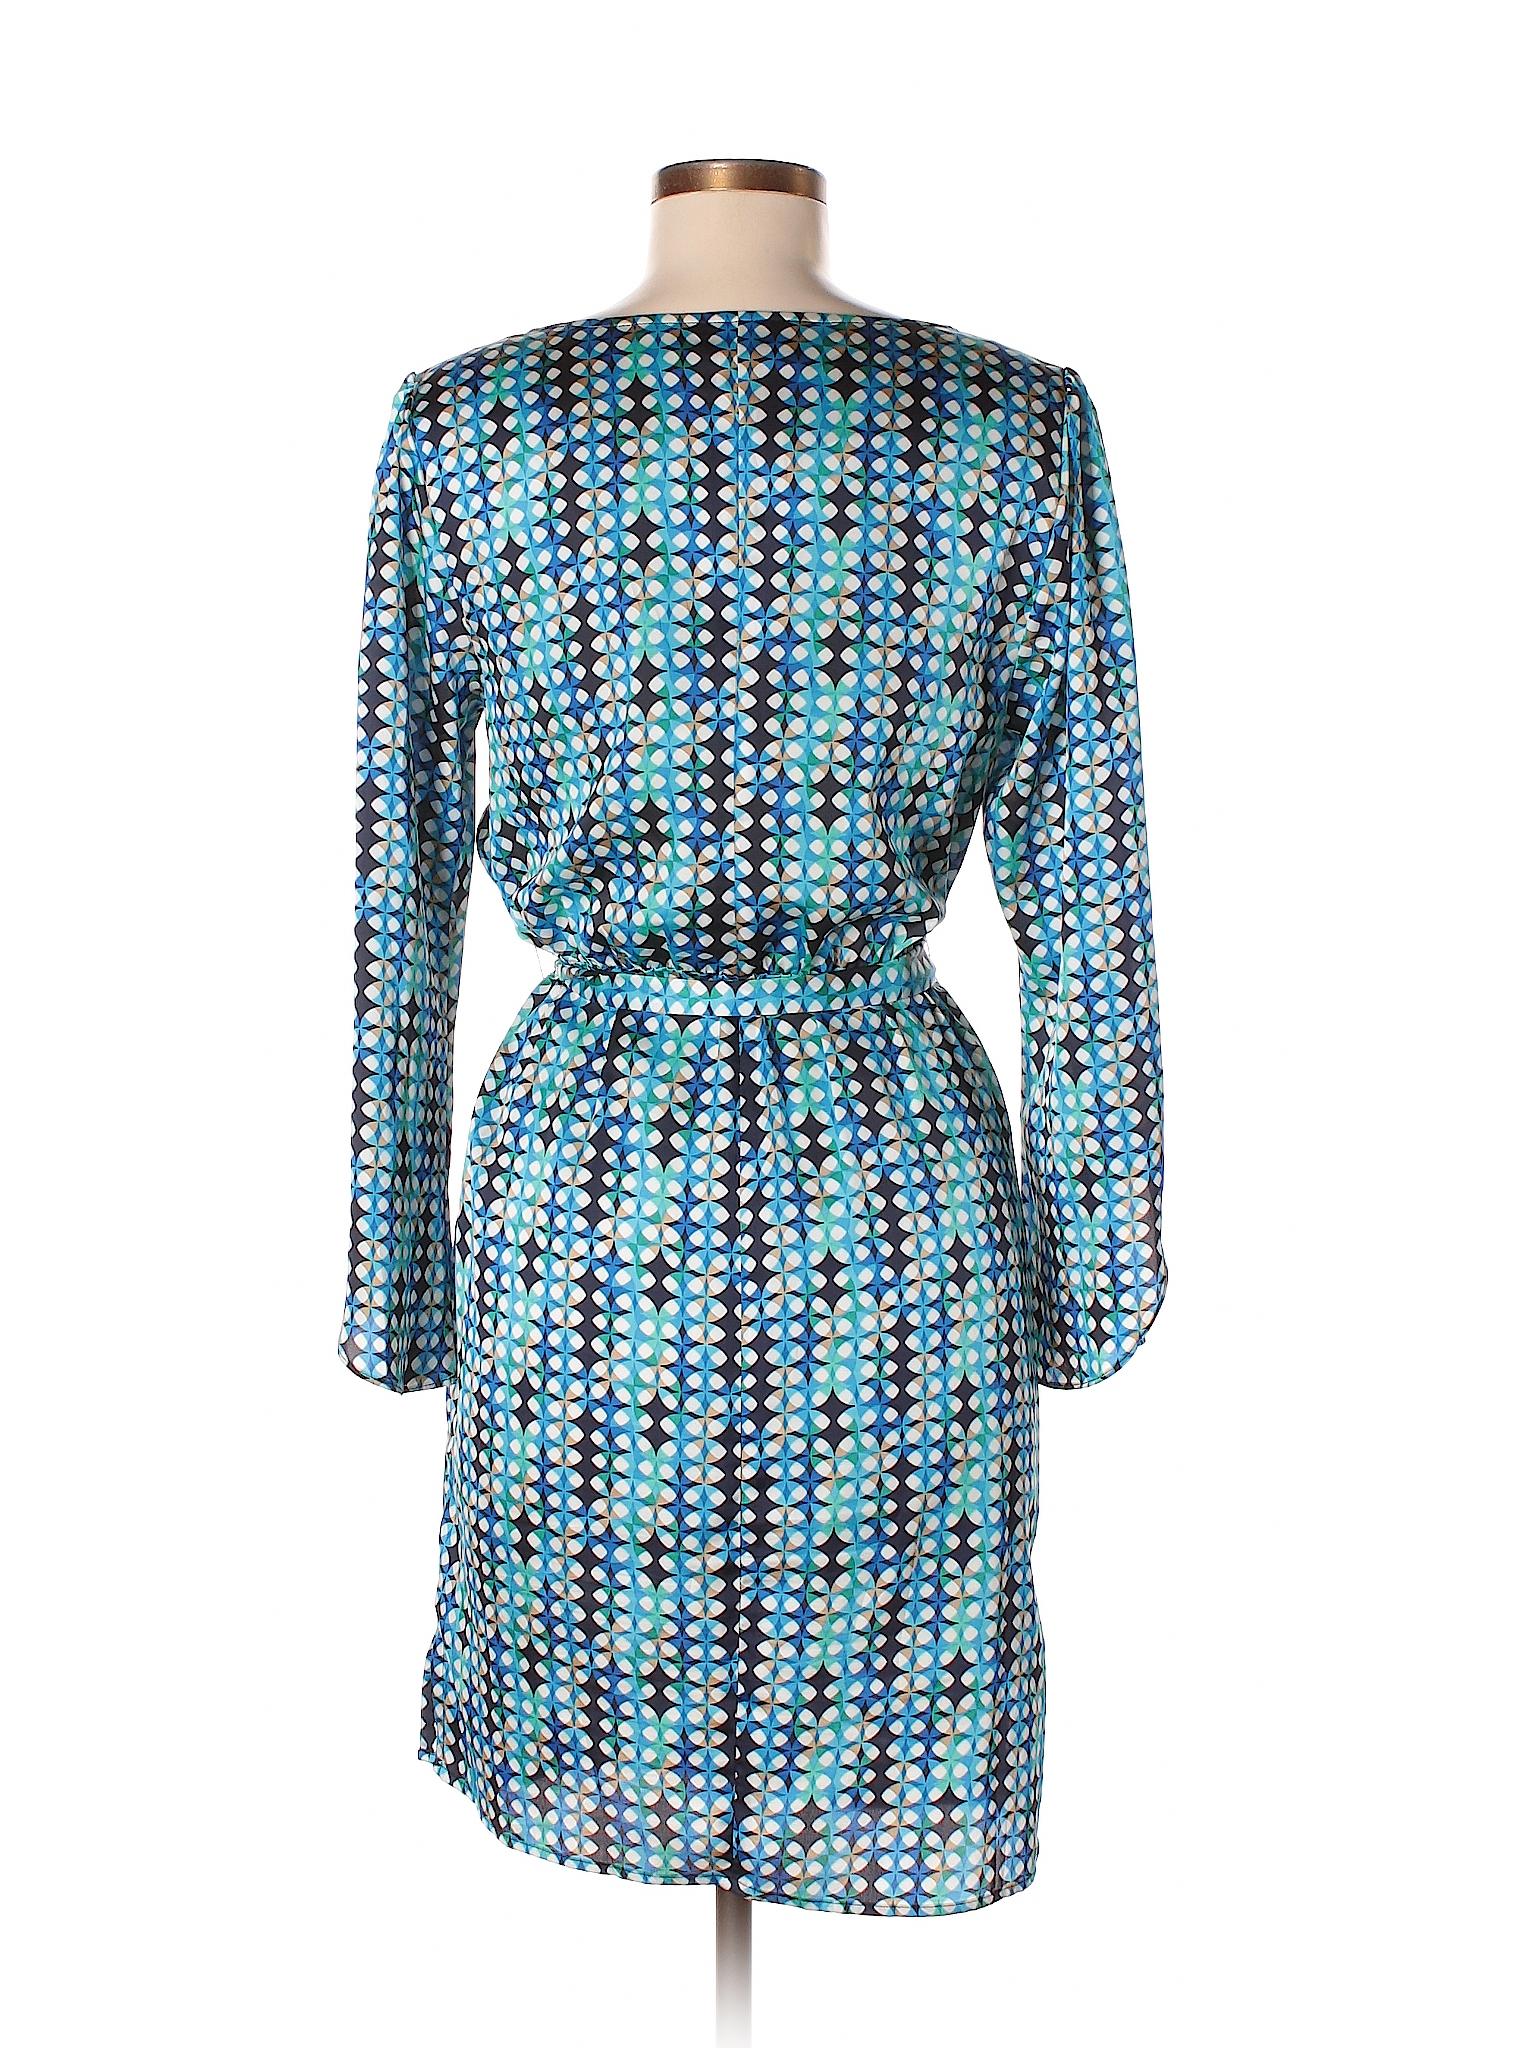 Laundry Casual by Boutique winter Design Dress IFq55E